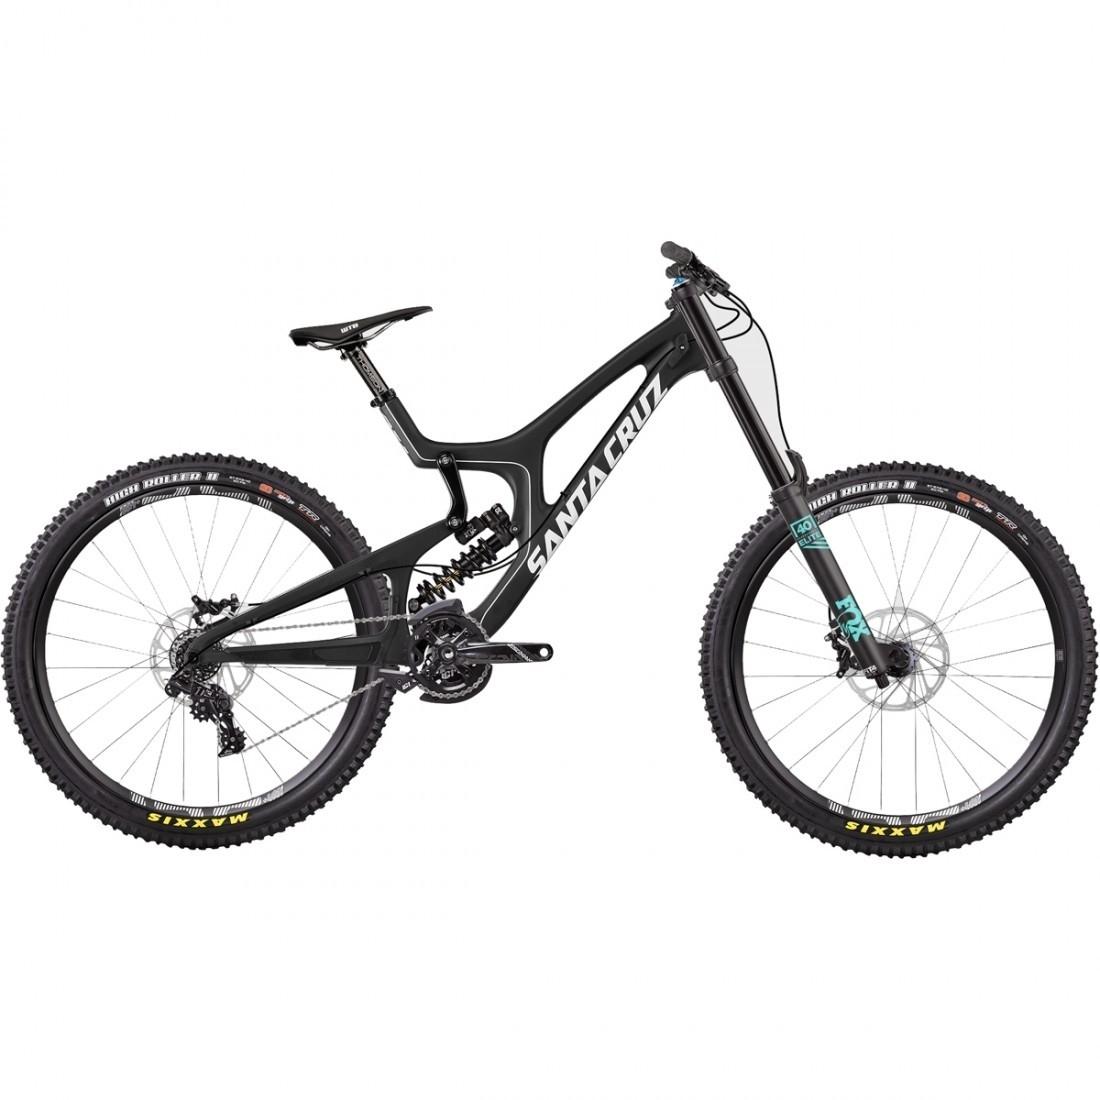 Velo Tout Terrain Santa Cruz V10 C Kit S Black Motocard